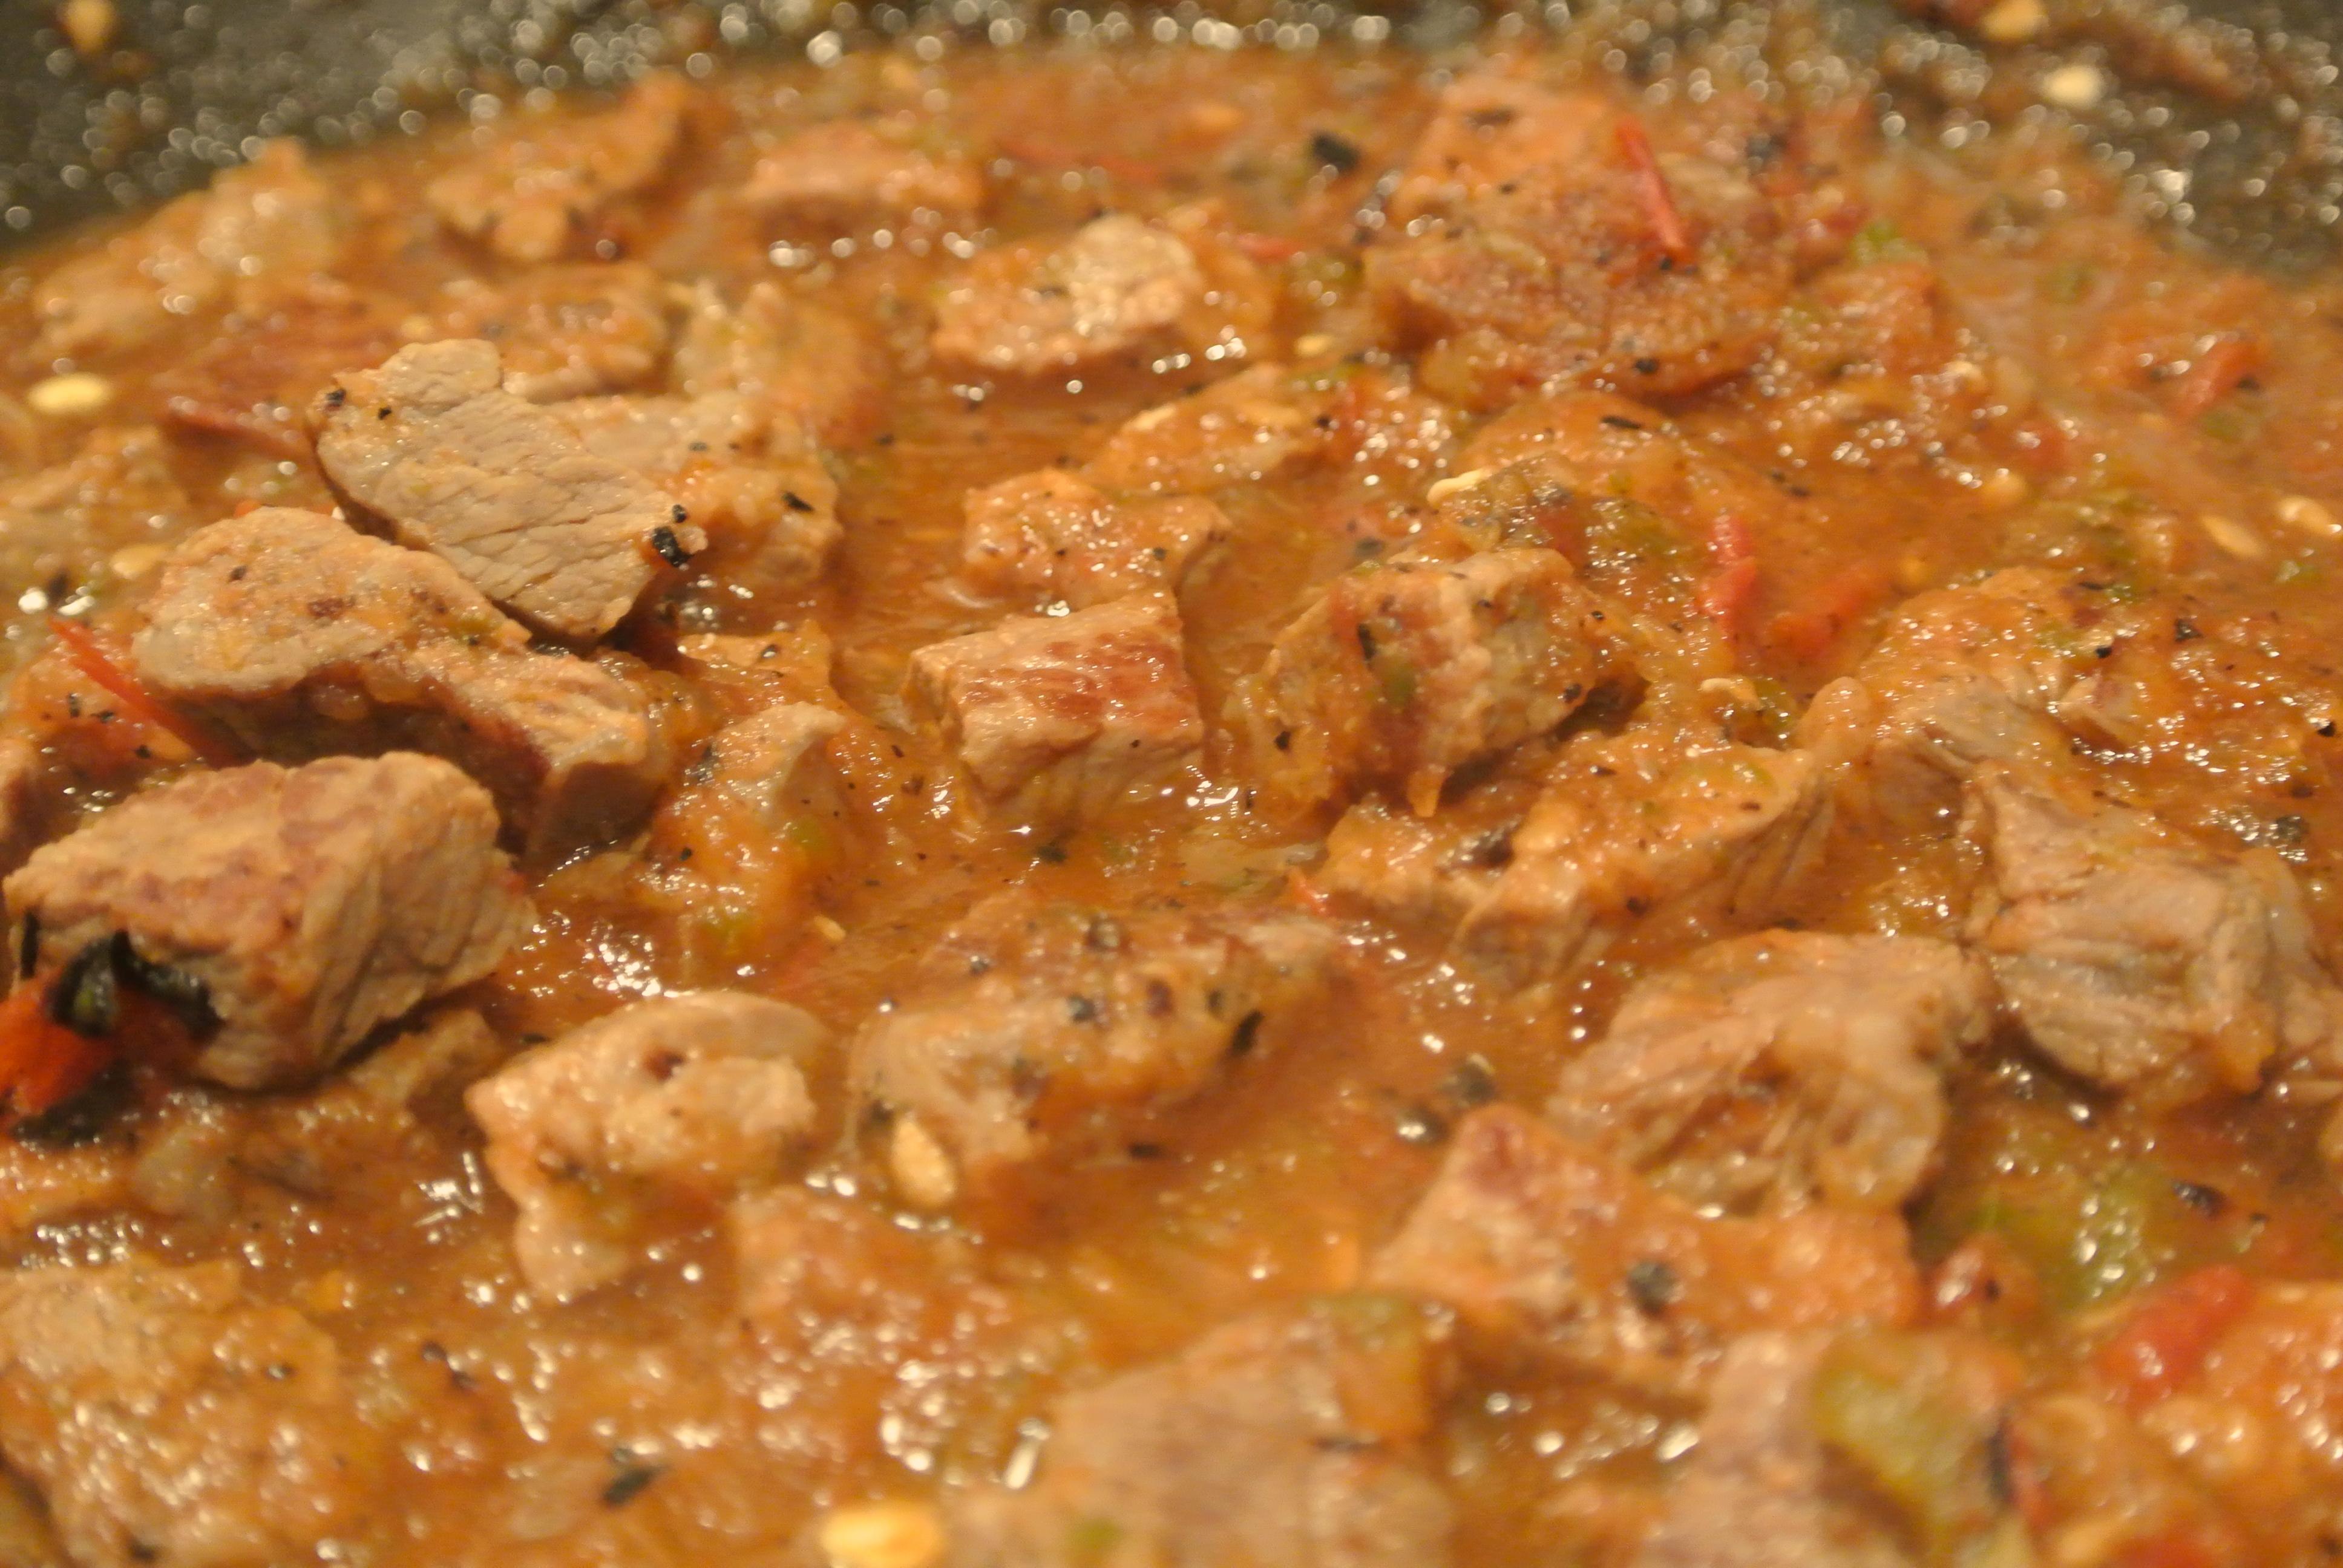 Carne Con Chile Authentic Mexican Chile Con Carne L I K E I N M E X I C O